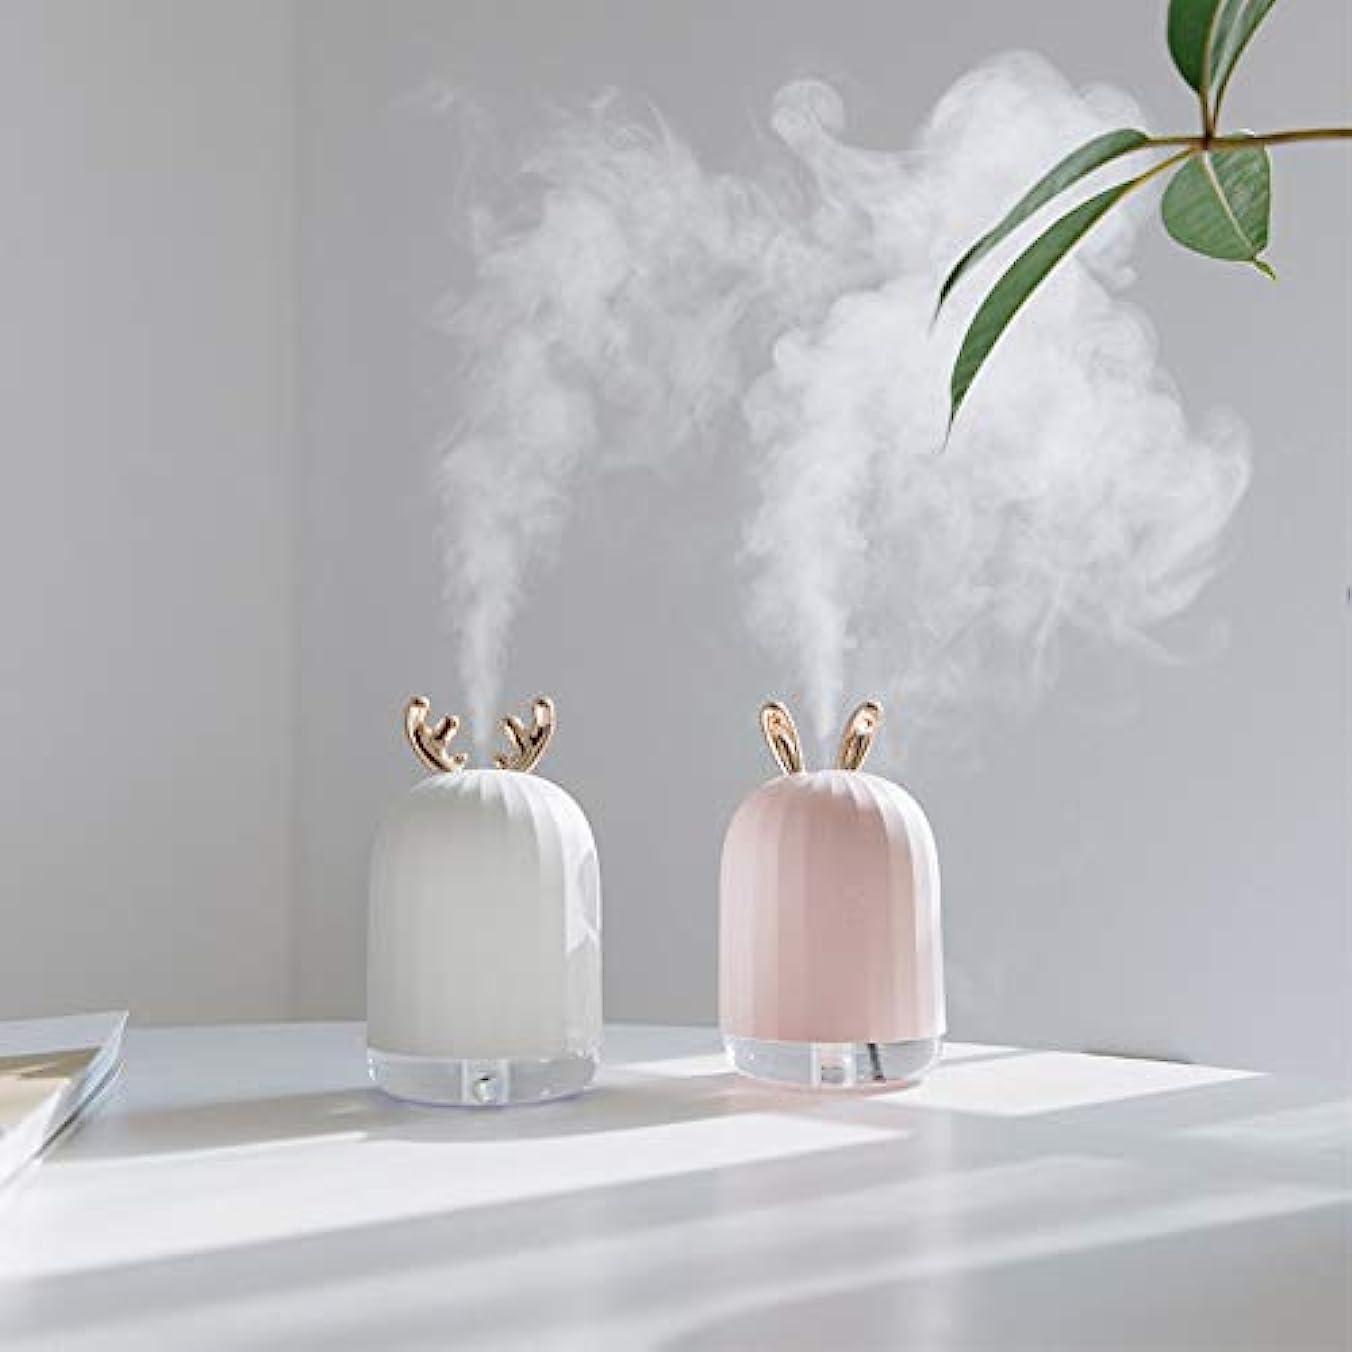 カストディアン広告面ZXF LED水蒸気顔加湿器usb充電ナノスプレーカラフルな雰囲気ライトホワイトアントラーズピンクうさぎモデルでクリエイティブ美容水和機器コールドスプレークリエイティブ 滑らかである (色 : White)